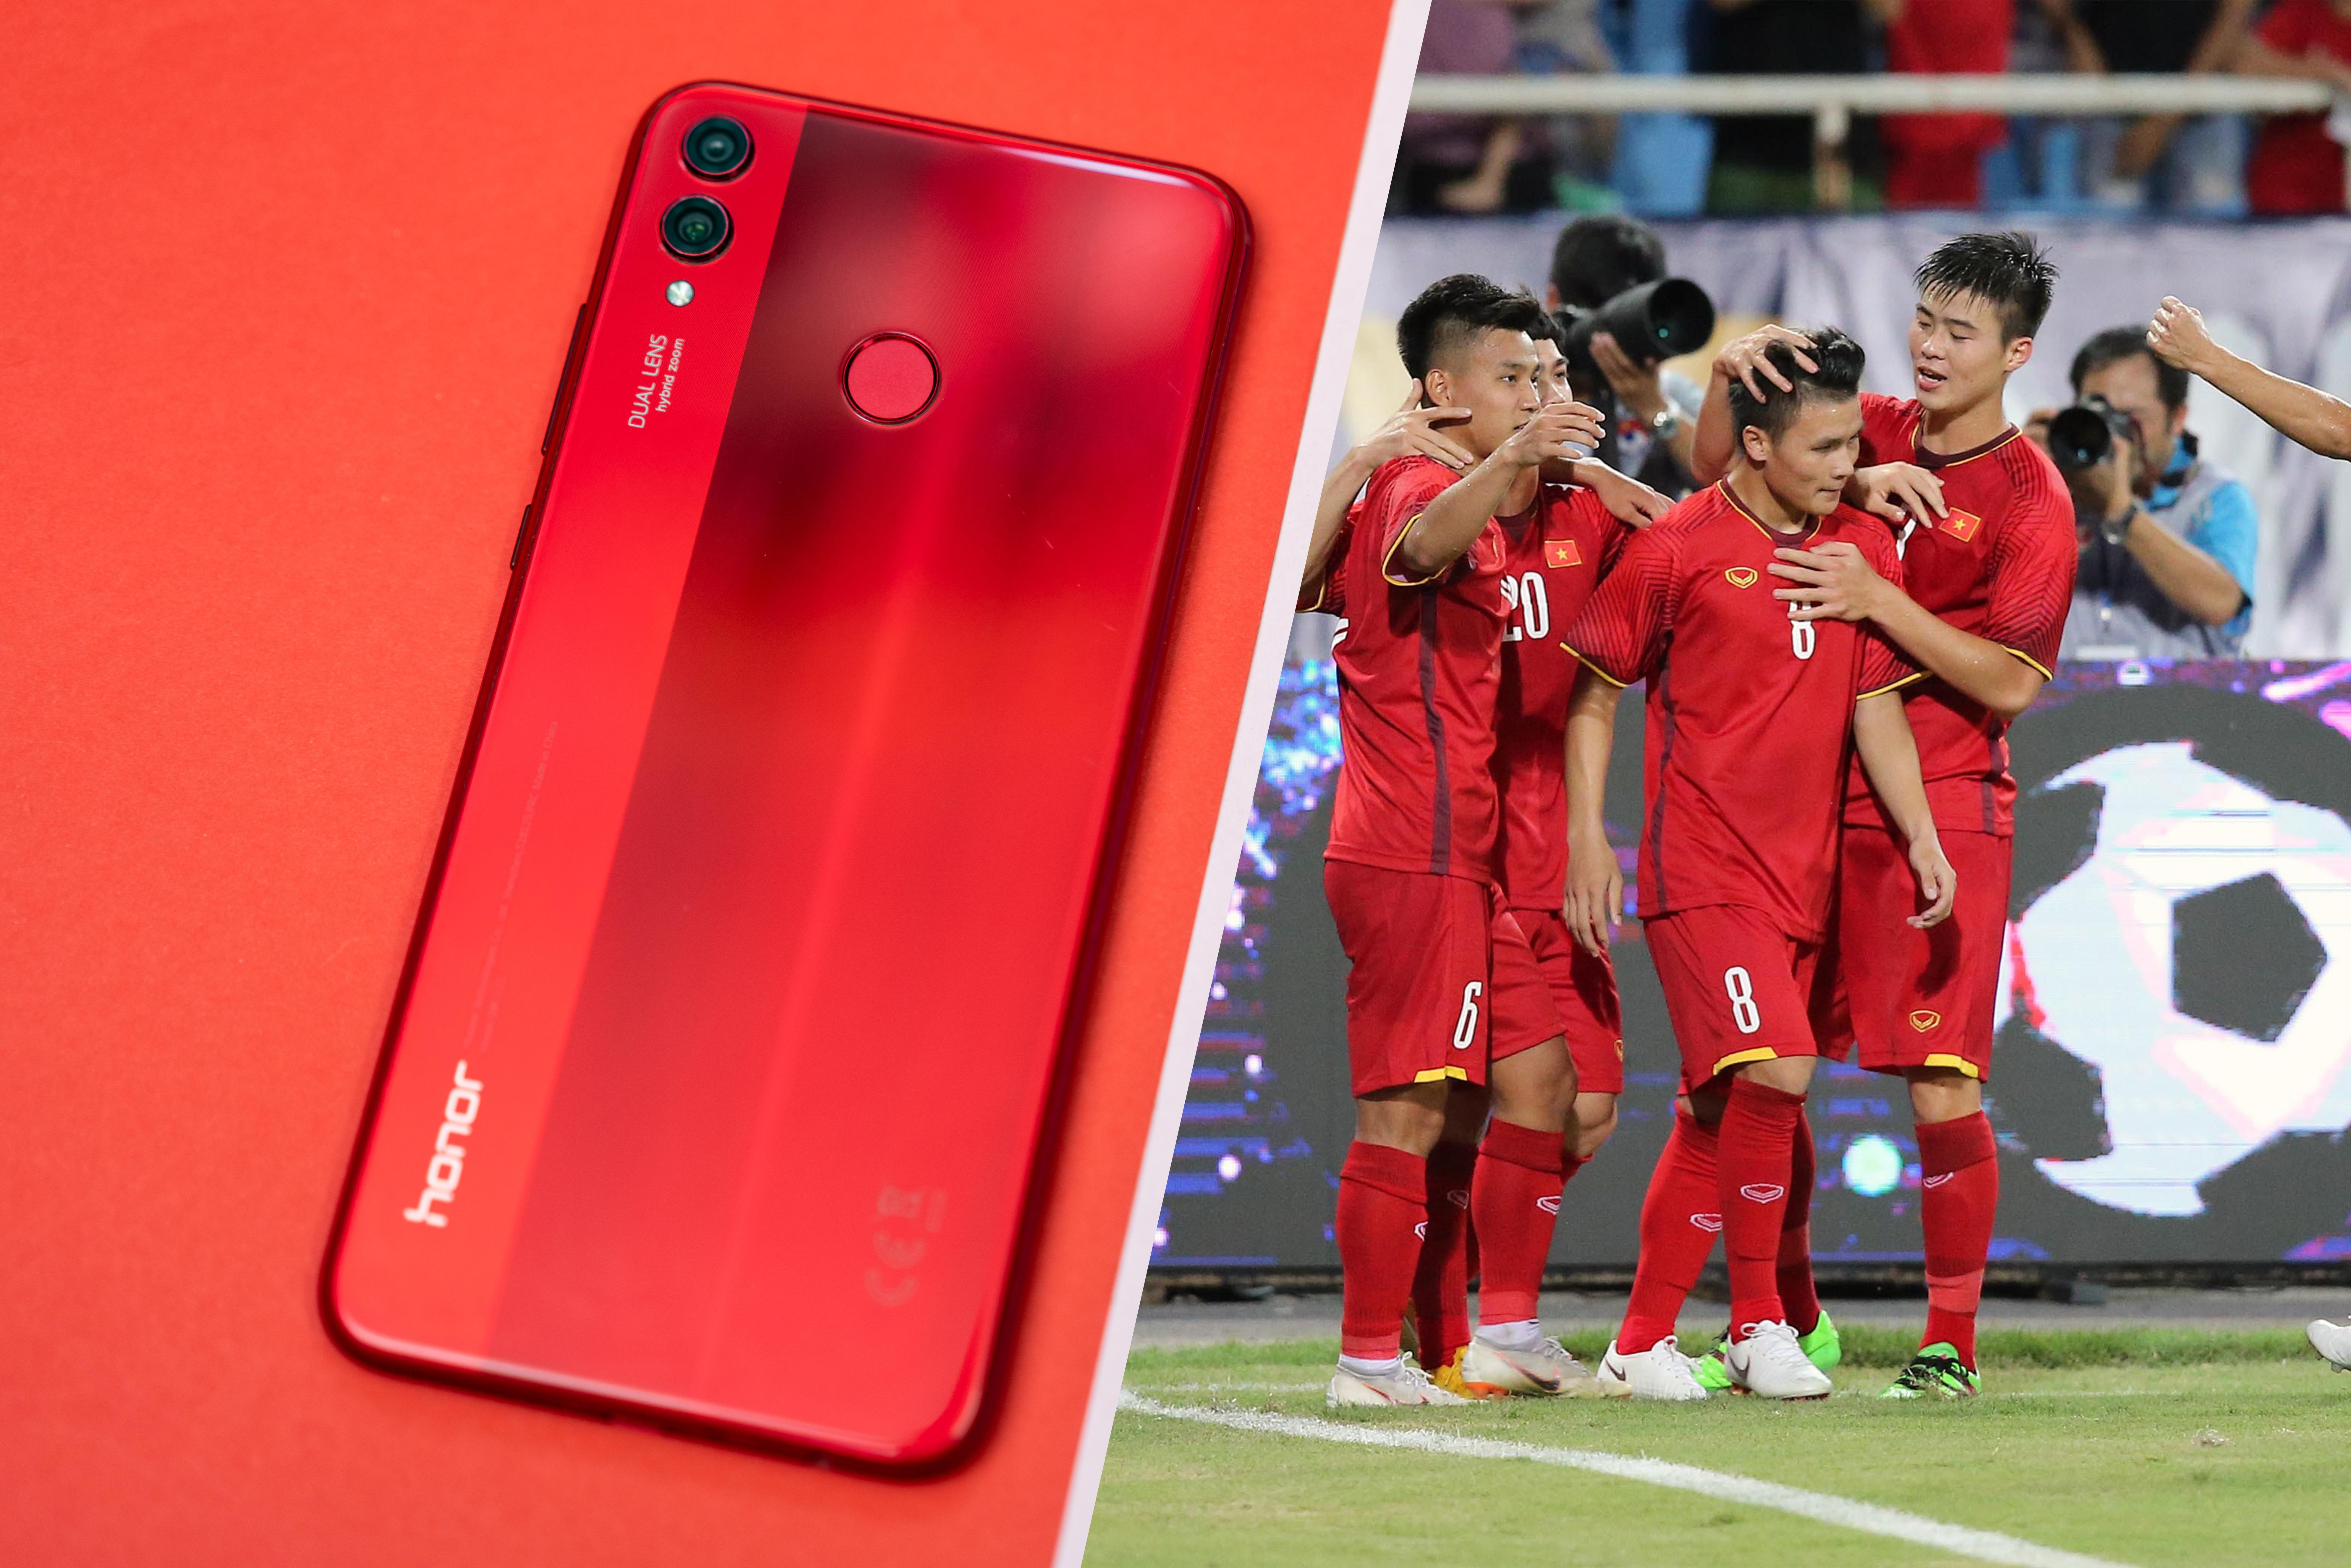 """Hé lộ món quà công nghệ được tặng cho """"Người hùng của trận đấu"""" tại AFF Cup 2018 - Ảnh 7."""